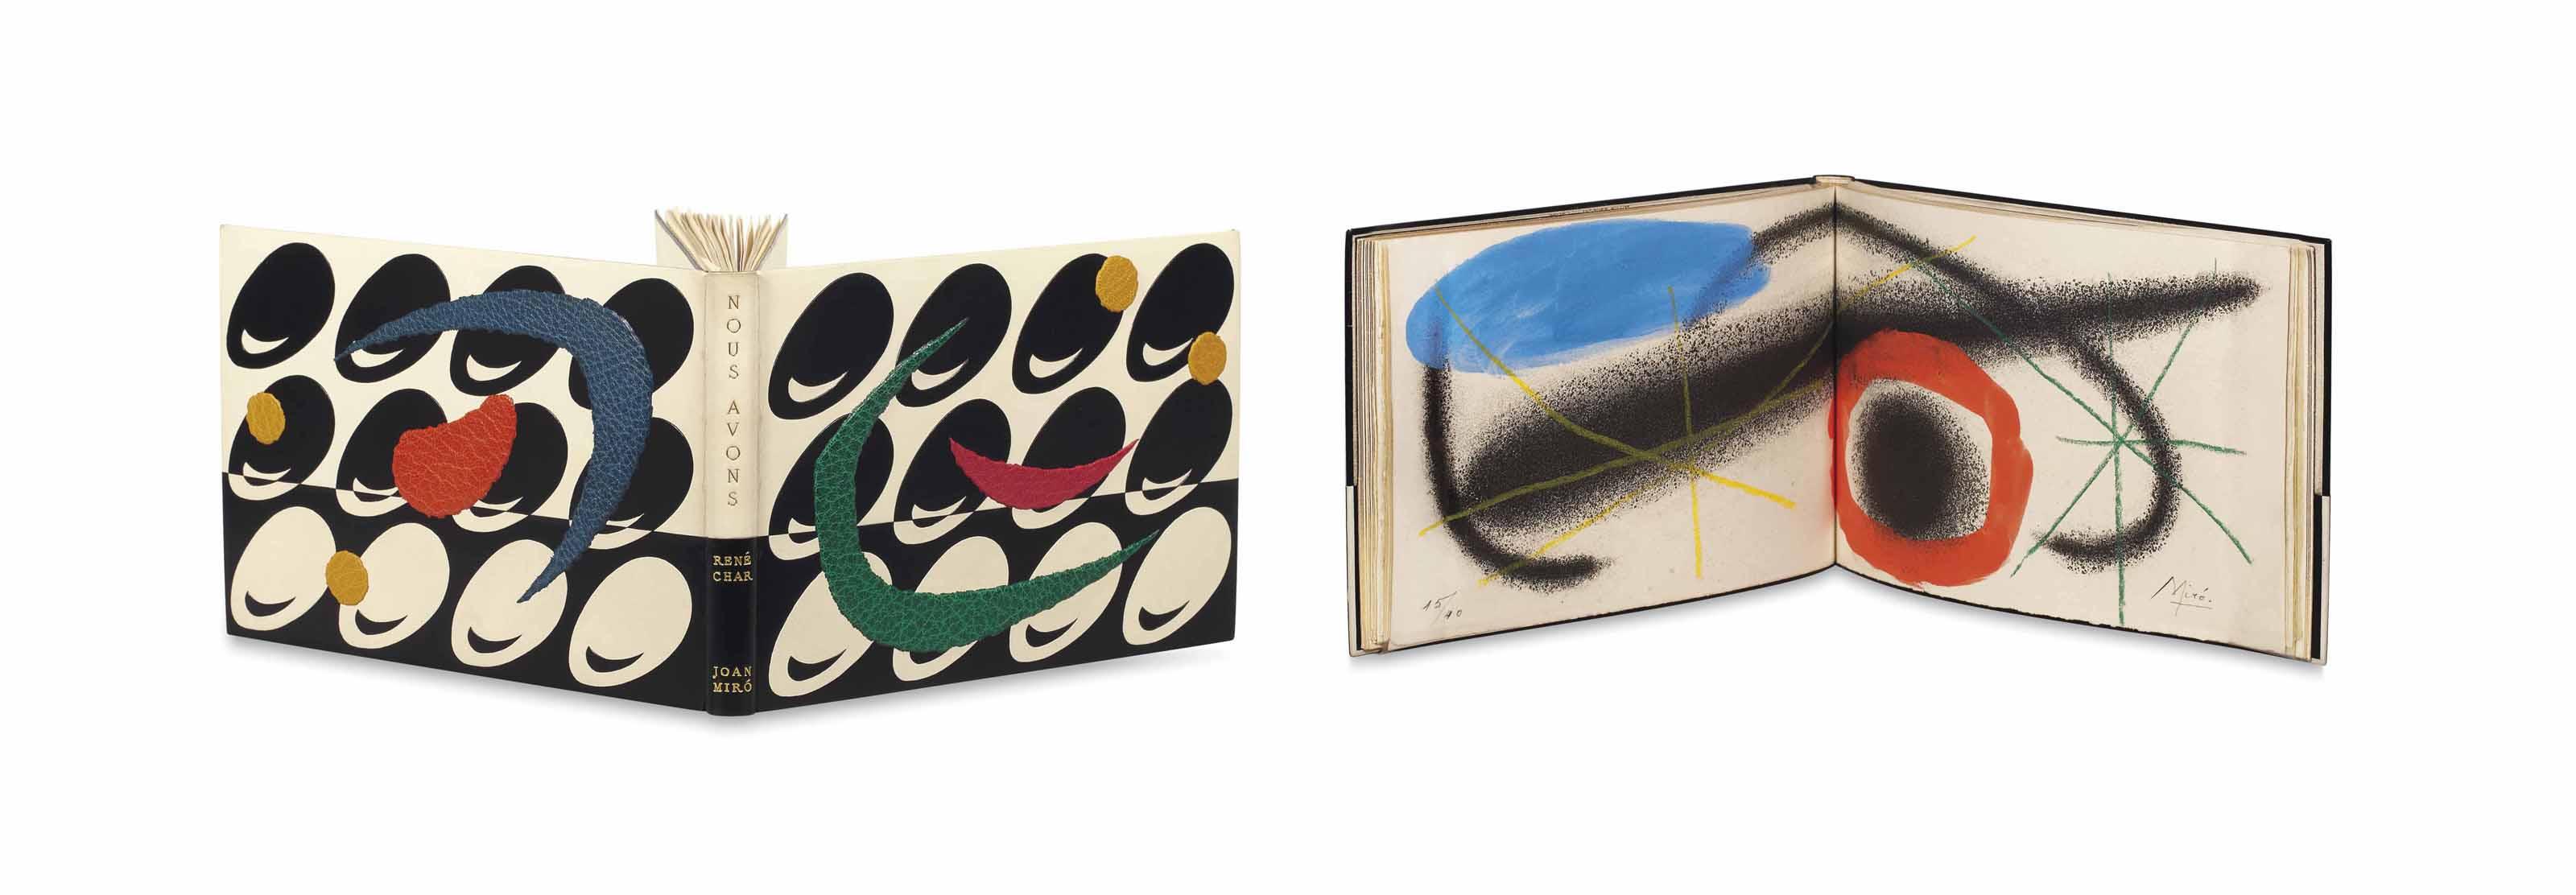 [MIRÓ] – René CHAR (1907-1988). Nous avons. Paris : Louis Broder, mai 1959. In-8 oblong (130 x 203 mm). 5 eaux-fortes originales avec aquatinte imprimées en couleur et rehaussées à la main par Joan Miró. Reliure signée Paul Bonet au contreplat et datée 1962, entièrement monté sur onglets, décor mosaïqué passant sur le dos de box noir et blanc séparés horizontalement, sur chaque plat 12 ovales de box mosaïqué inclinés vers la droite, sur le tout mosaïque de diverses pièces de maroquin épais de couleur vert, rouge, bleu, orange et moutarde, dos lisse, doublure et gardes de daim noir et blanc avec très fin listel de box contrastant en encadrement, tranches dorées, chemise et étui assortis (sans la couverture avec un bois original).